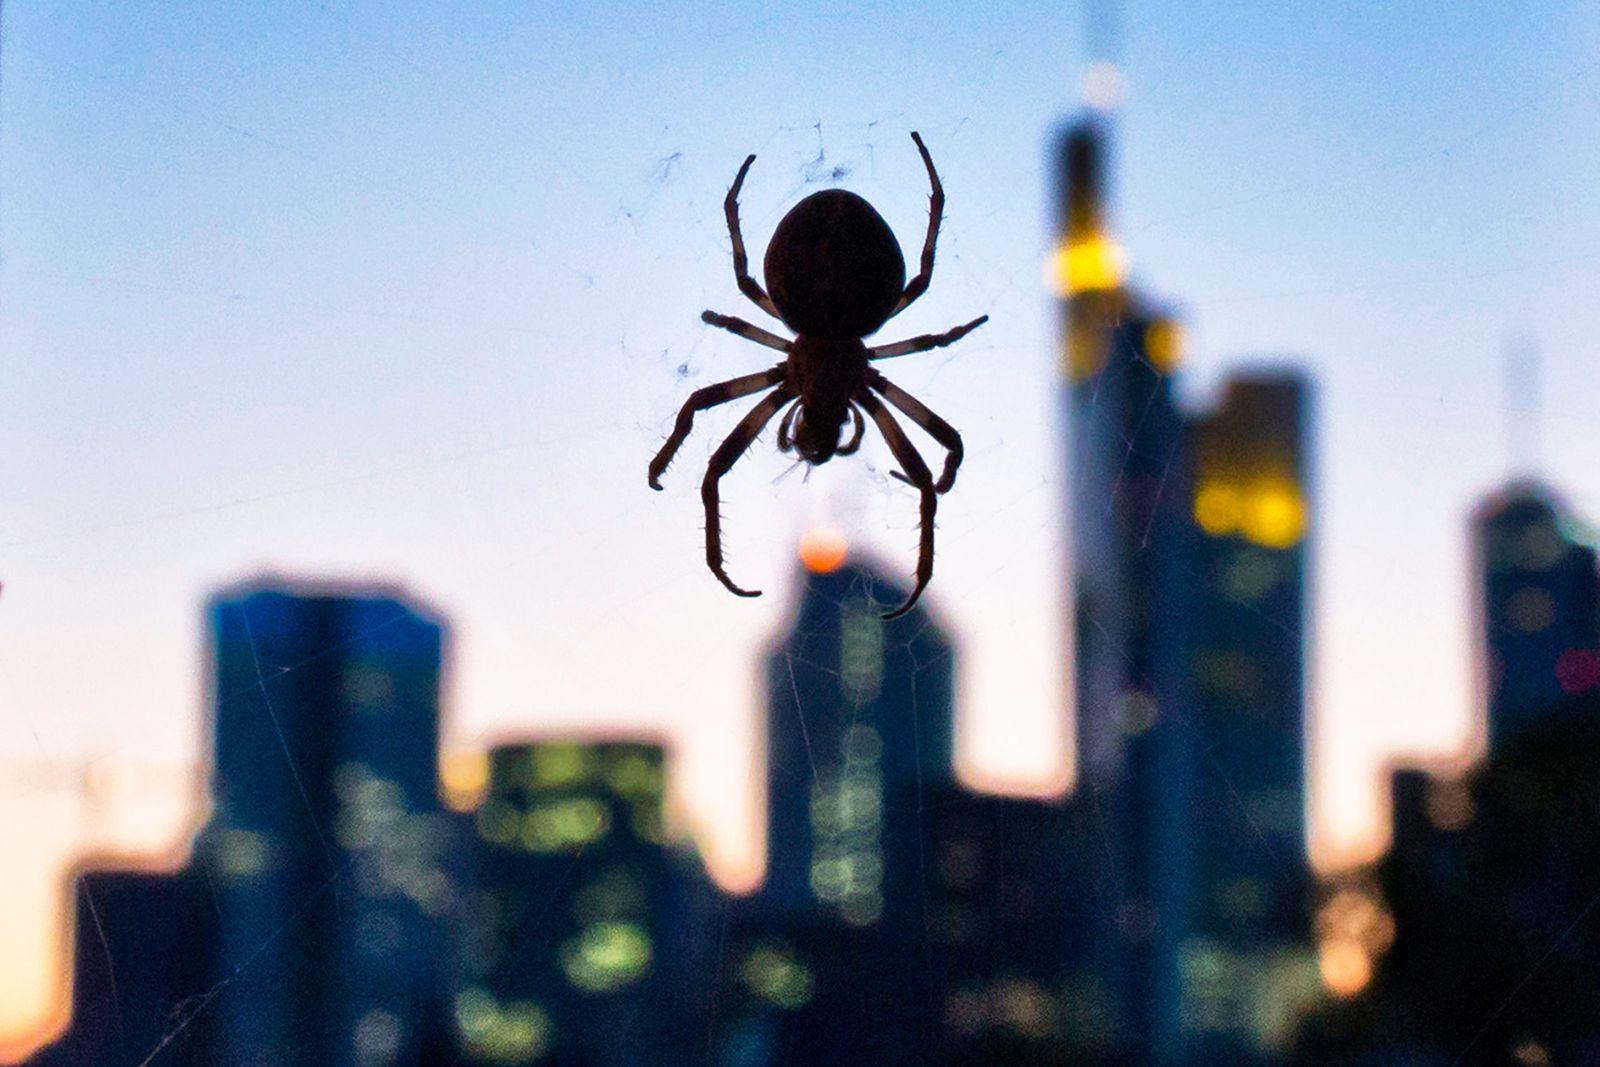 Frankfurt Banken-Viertel / Banken / Spinne vor Skyline